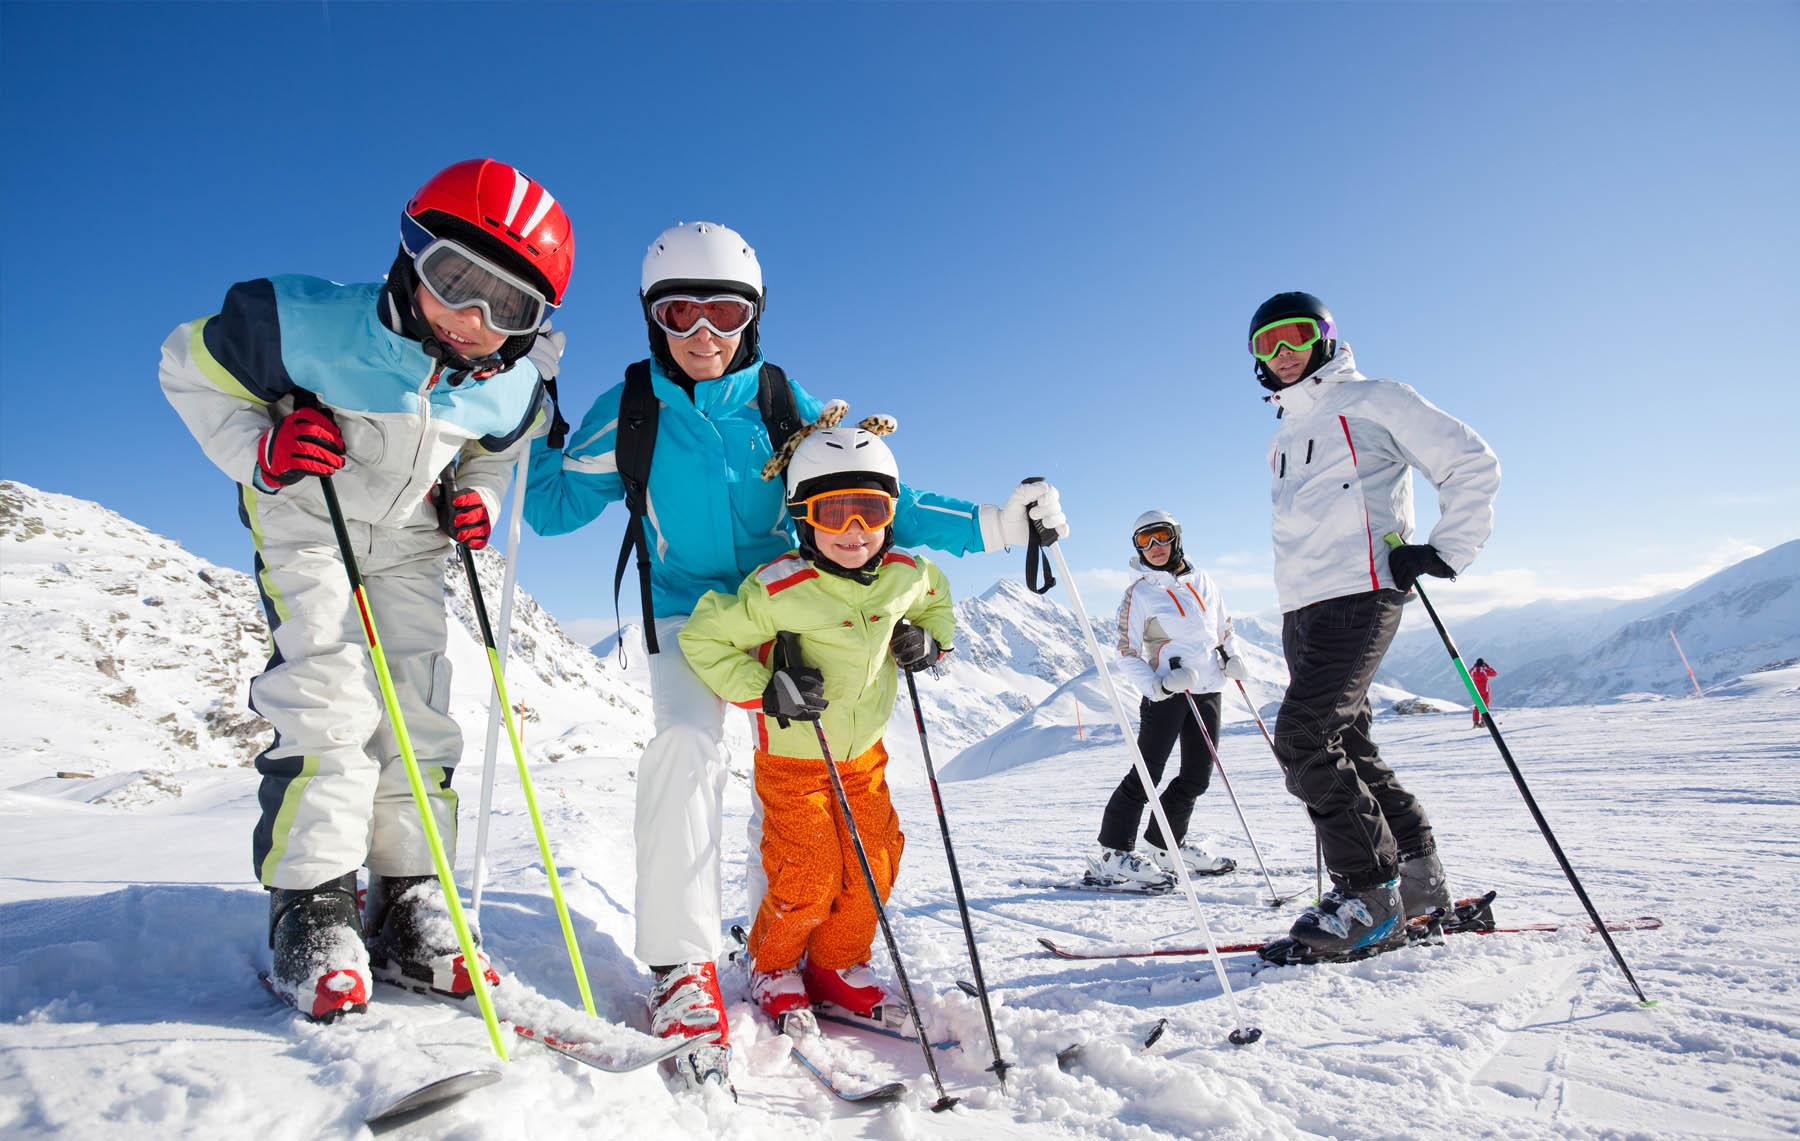 Image newsfeed 5 jours de ski en famille ou entre amis